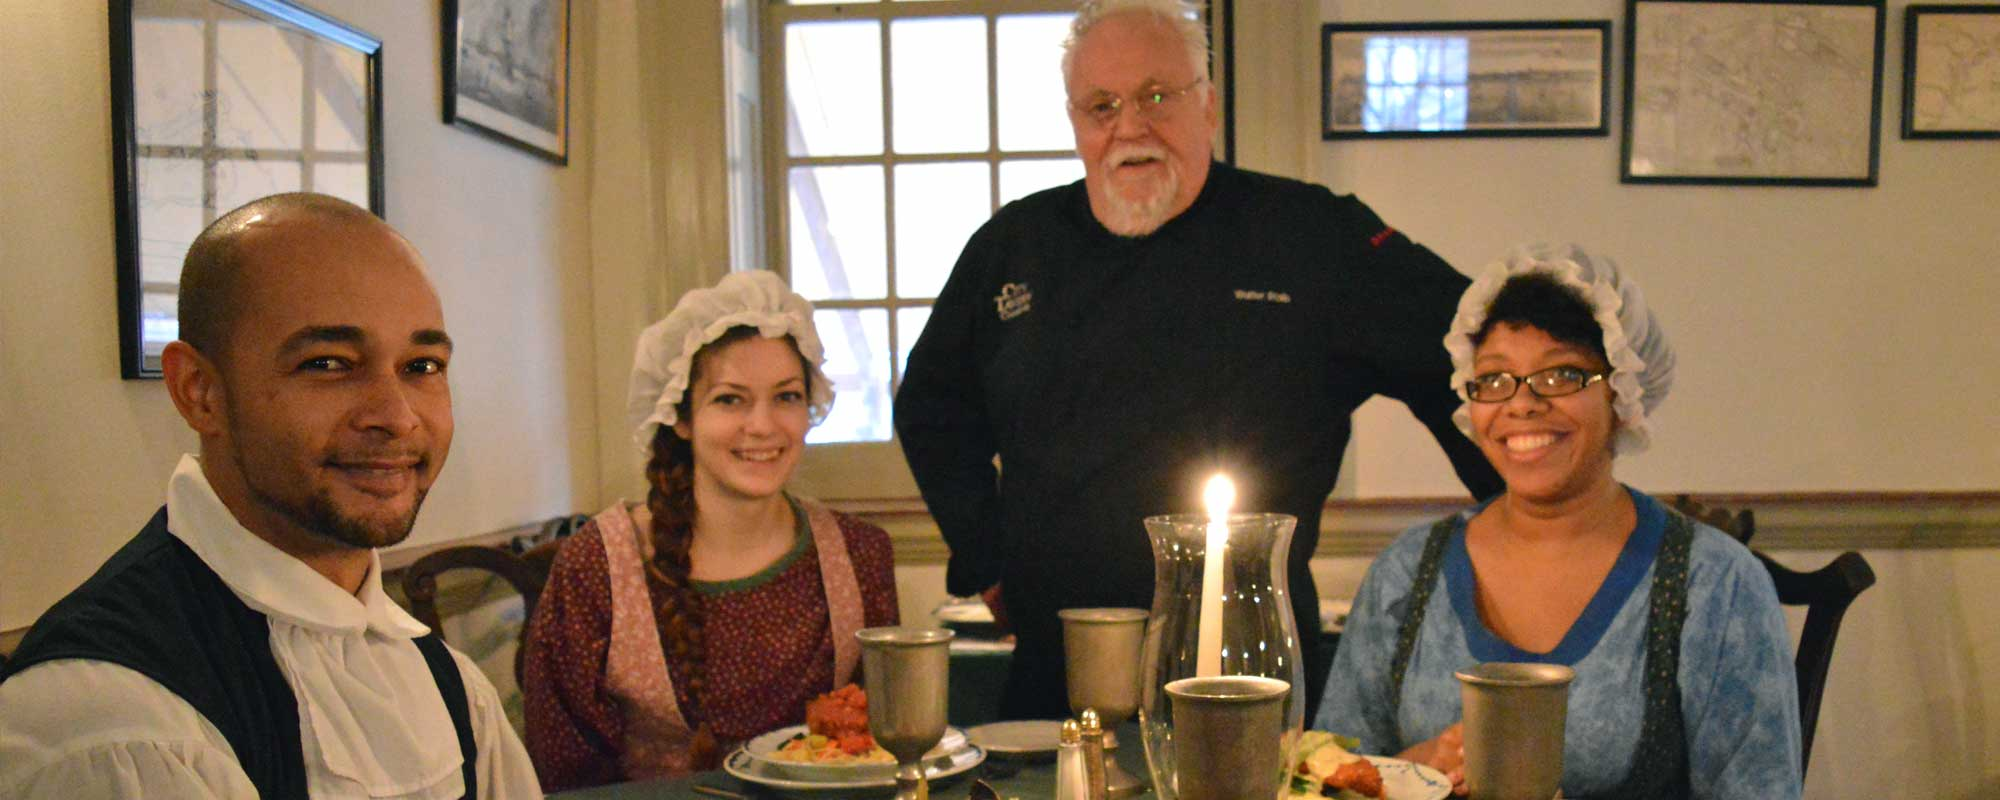 City Tavern - Historic Restaurant based in Philadelphia